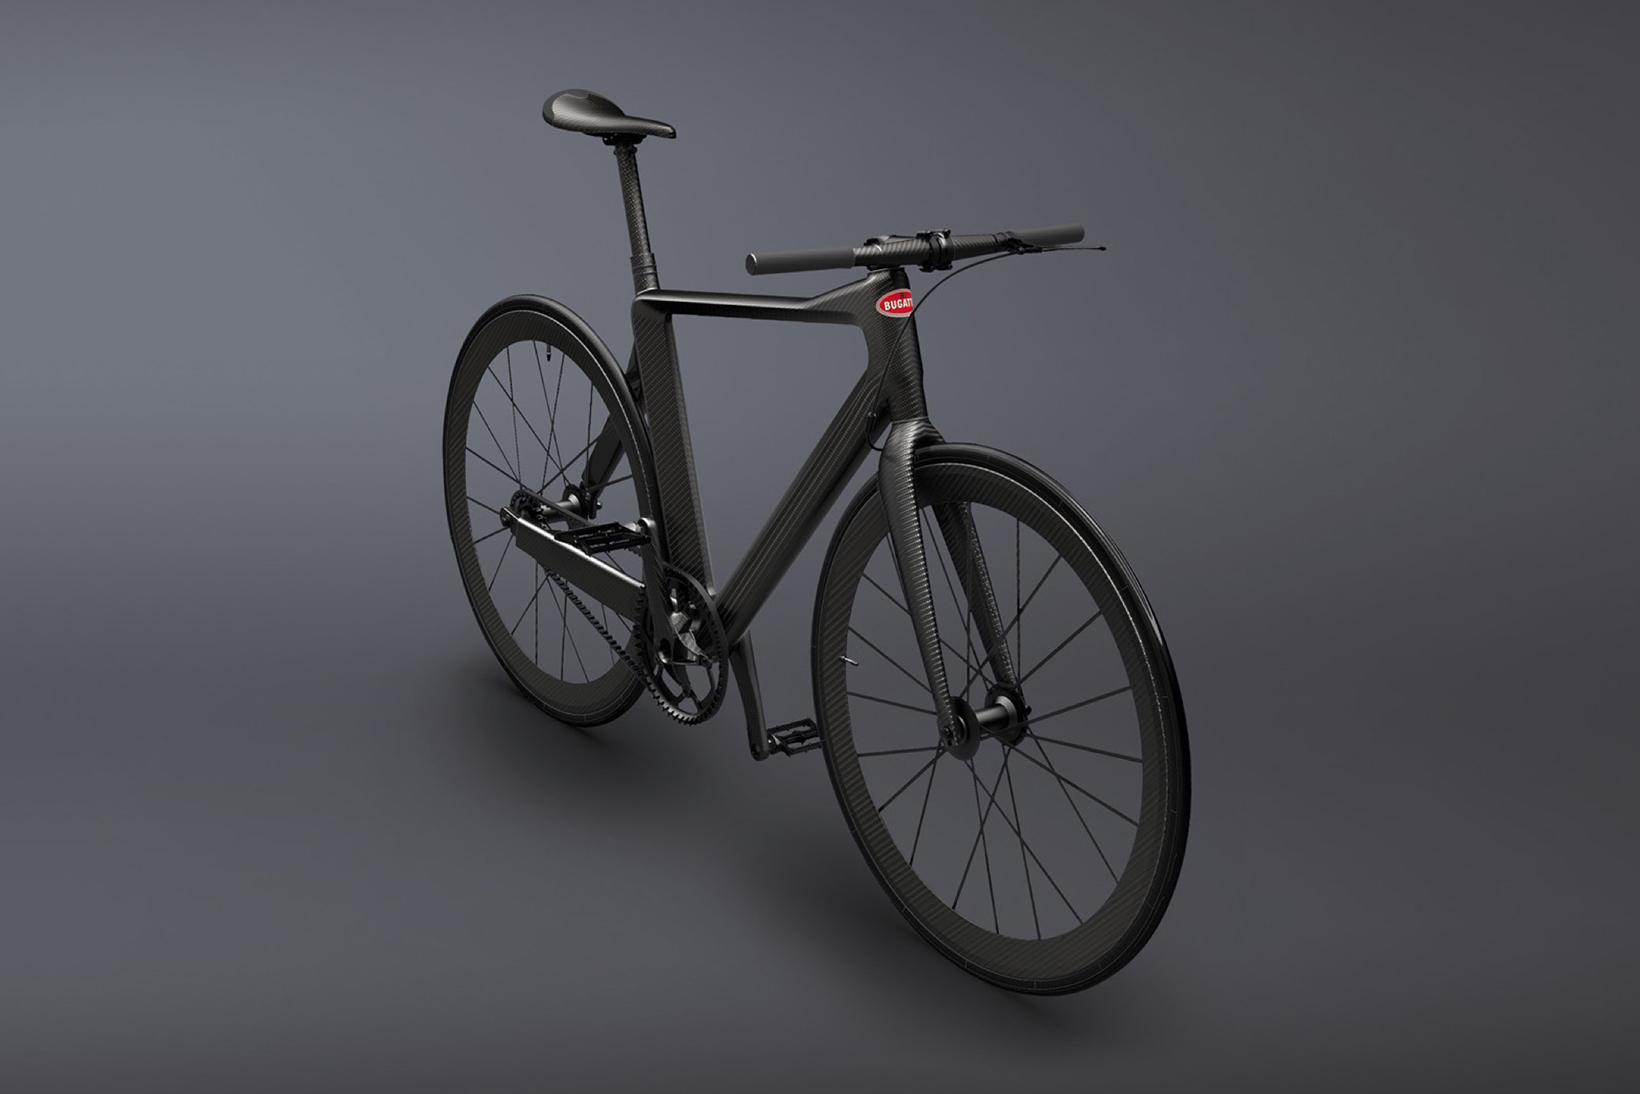 PG Bugatti Bike - 3762173